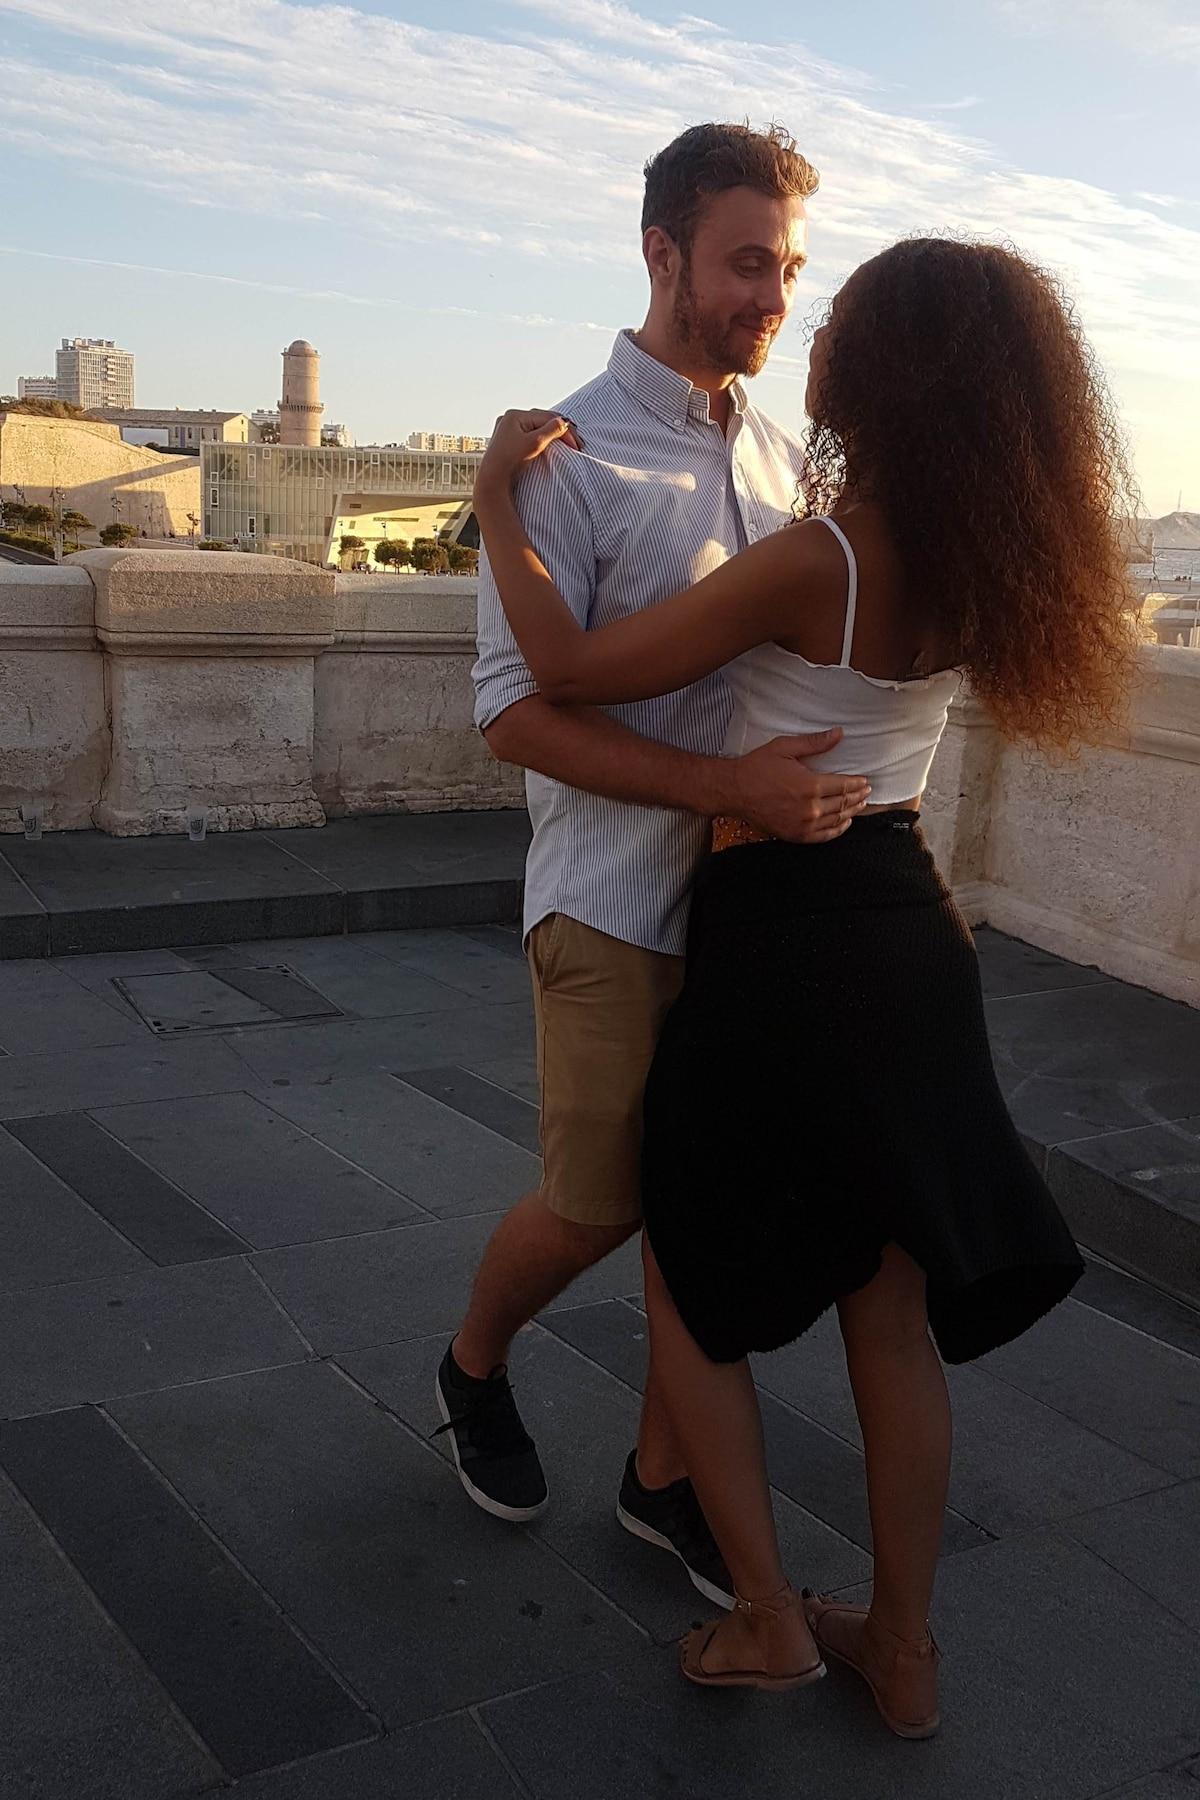 špatné věci ohledně randění s Blíženci